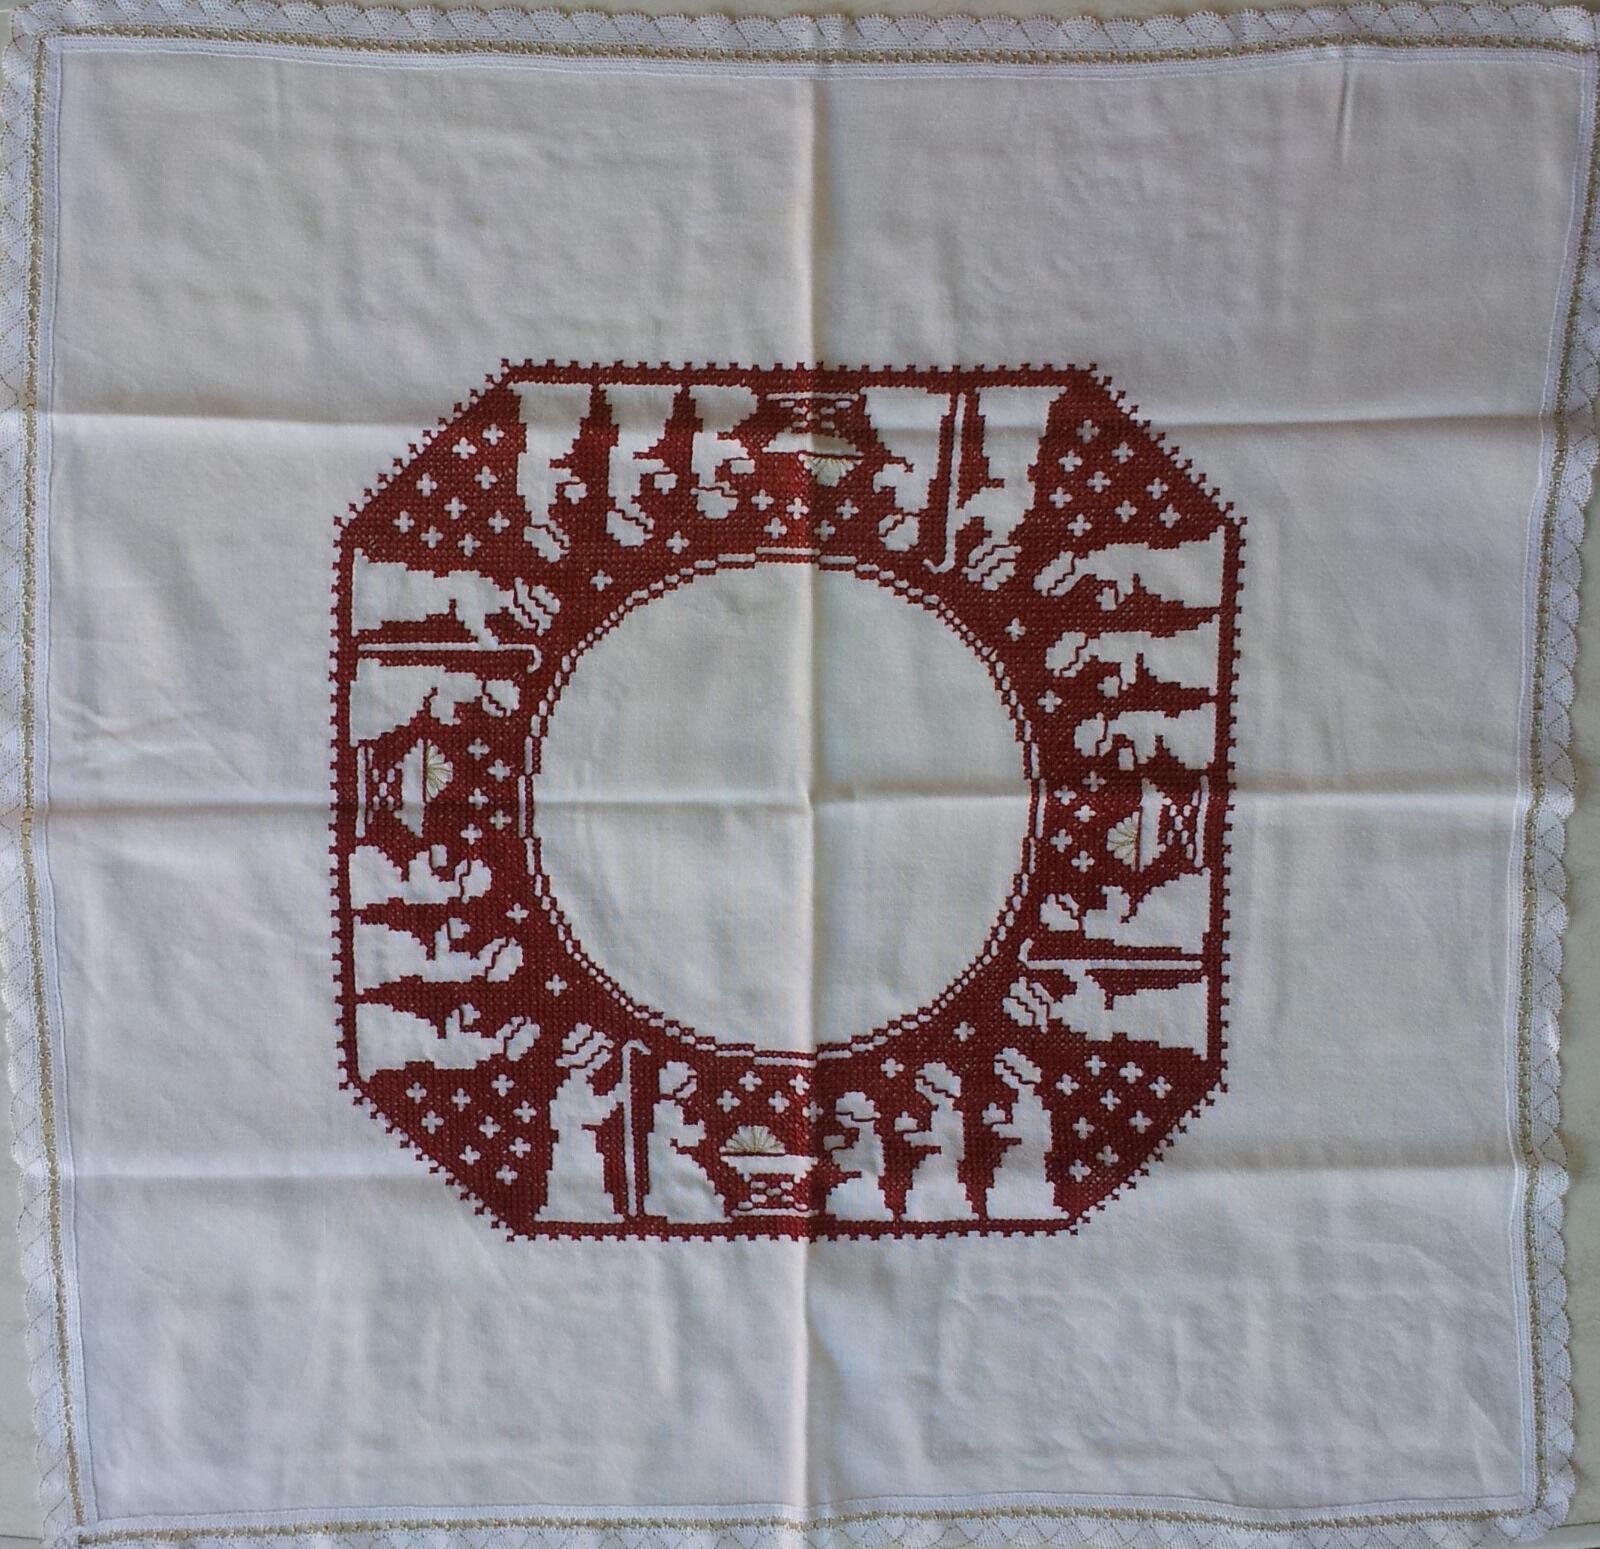 Decke Tischdecke Mitteldecke Kreuzstich Handarbeit Weihnachten Hirten Krippe